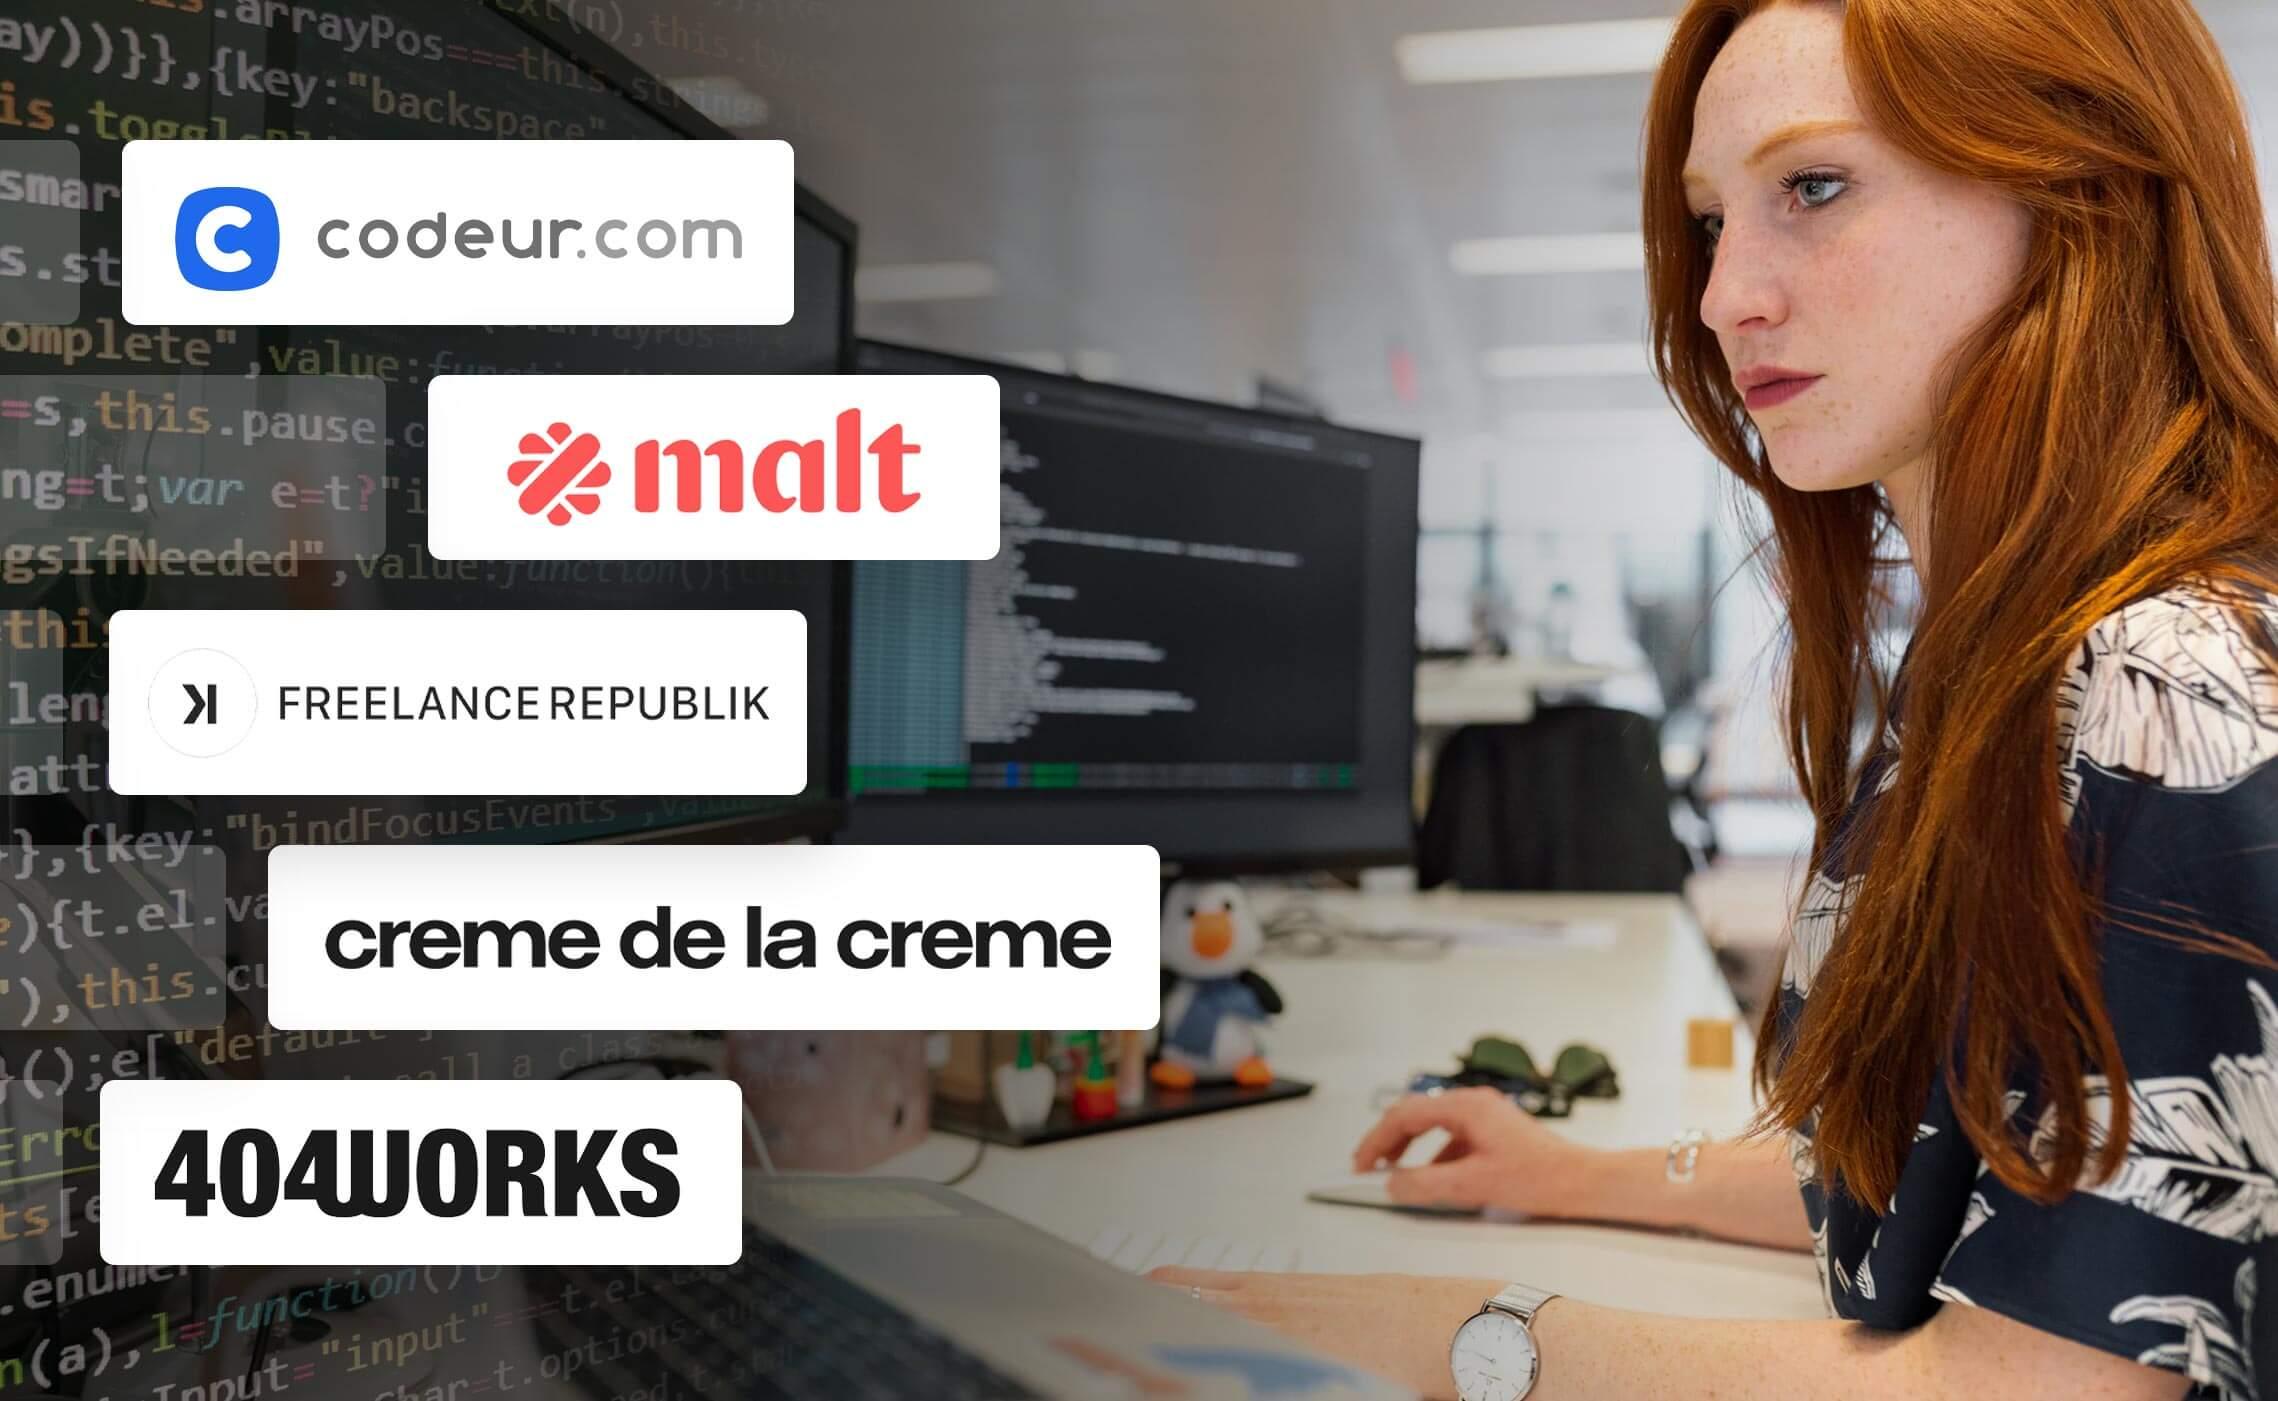 Développeur freelance : 5 communautés à rejoindre immédiatement ! Présentation de Codeur.com; Malt, FreelanceRepublik, Crème de la crème et 404Works.